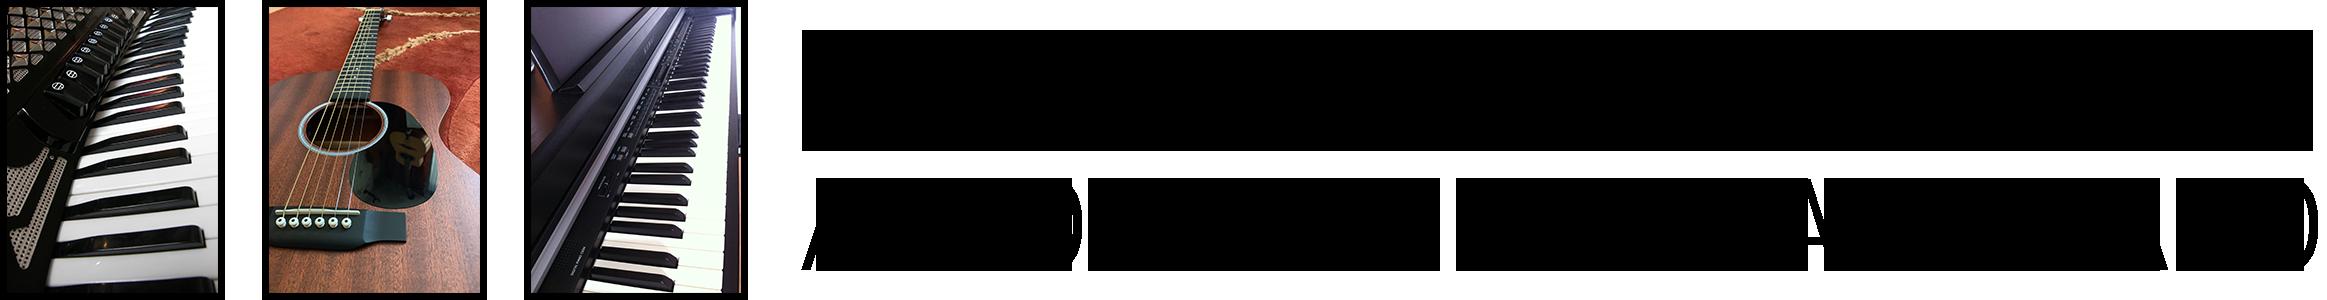 Wout van der Molen